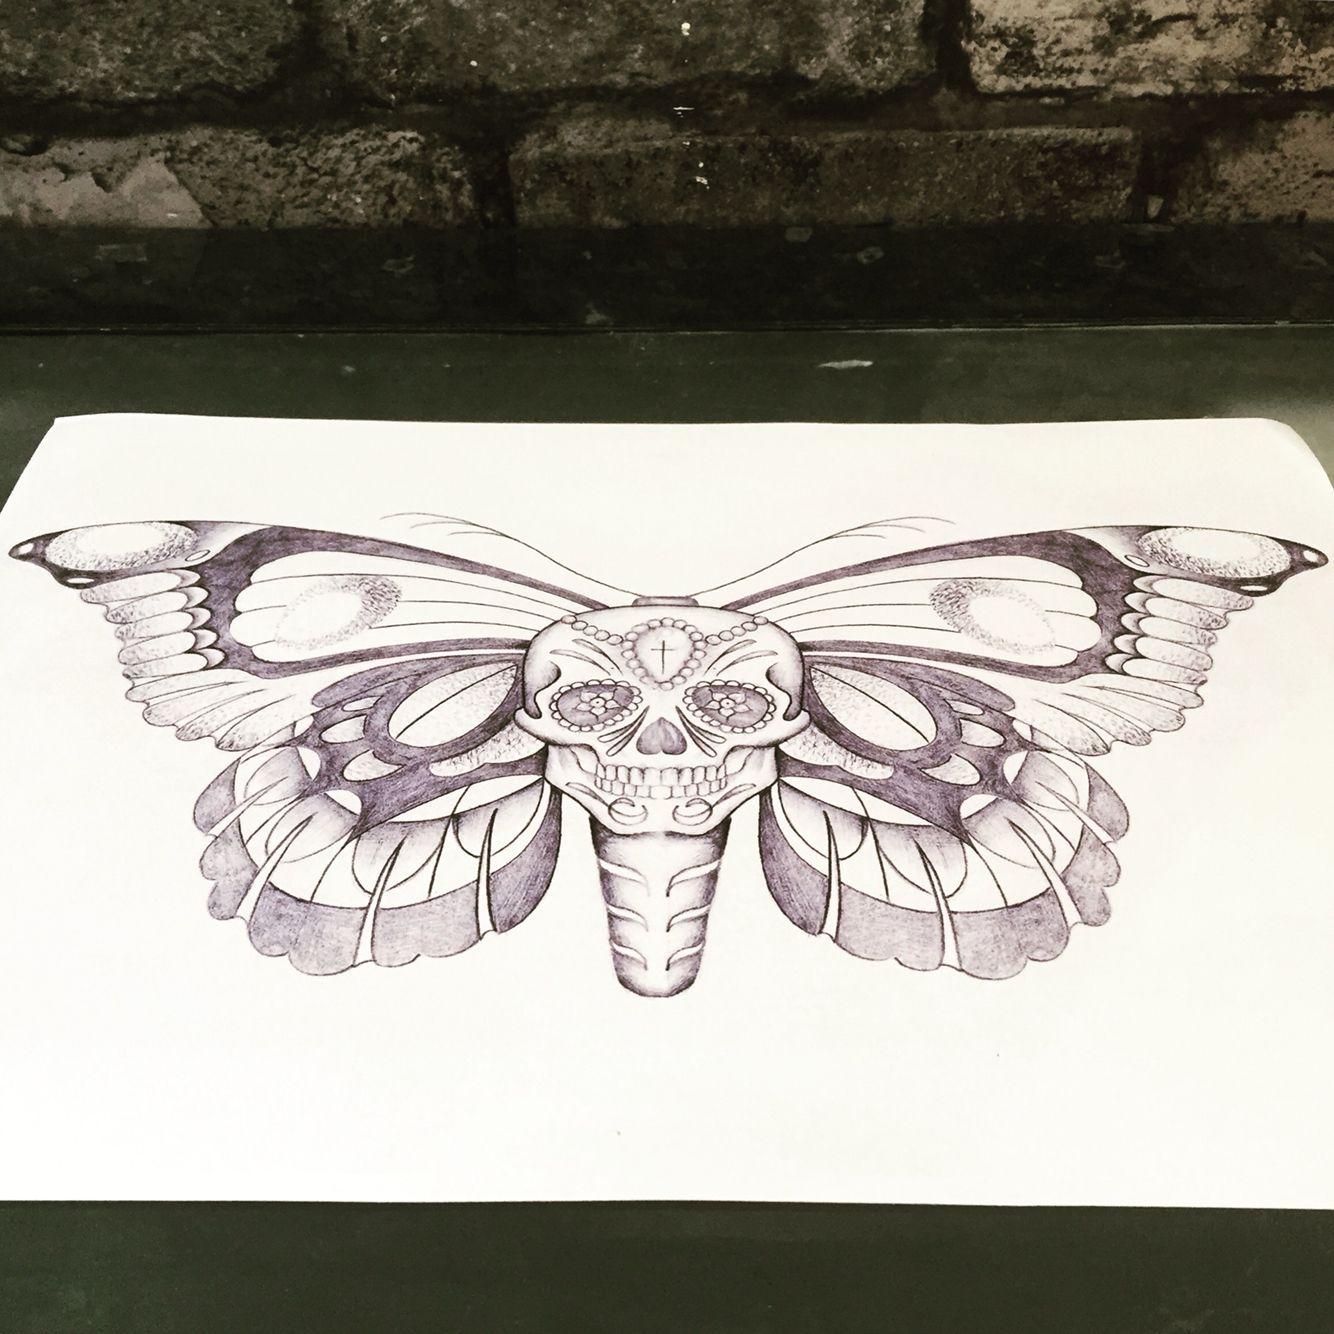 73cc993c9 Skull butterfly drawing. Tattoo design. | skulls | Skull butterfly ...